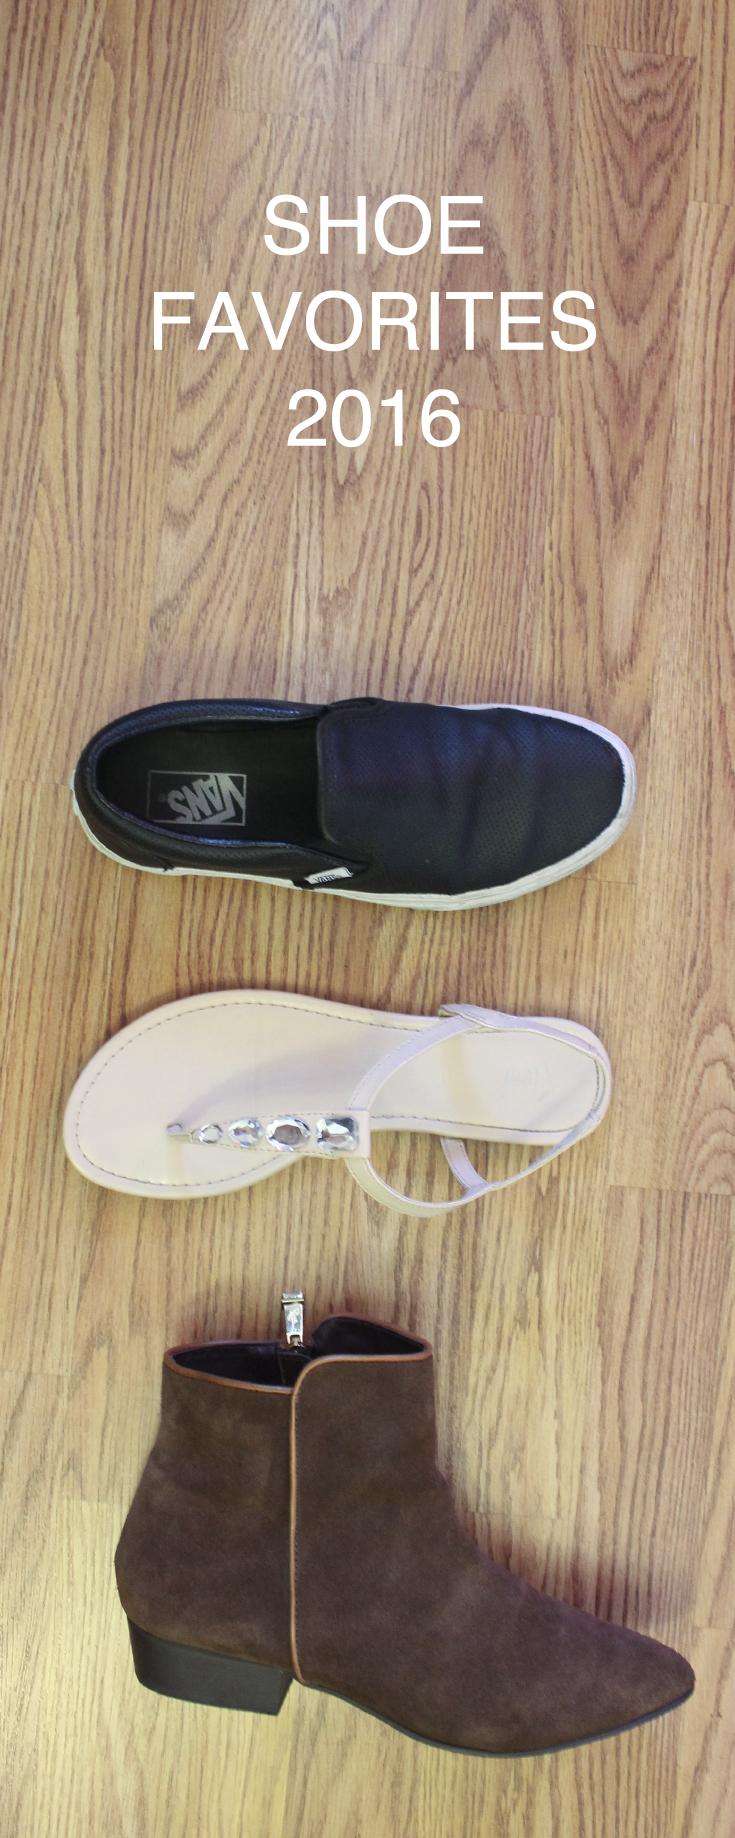 Shoe dreams cometrue